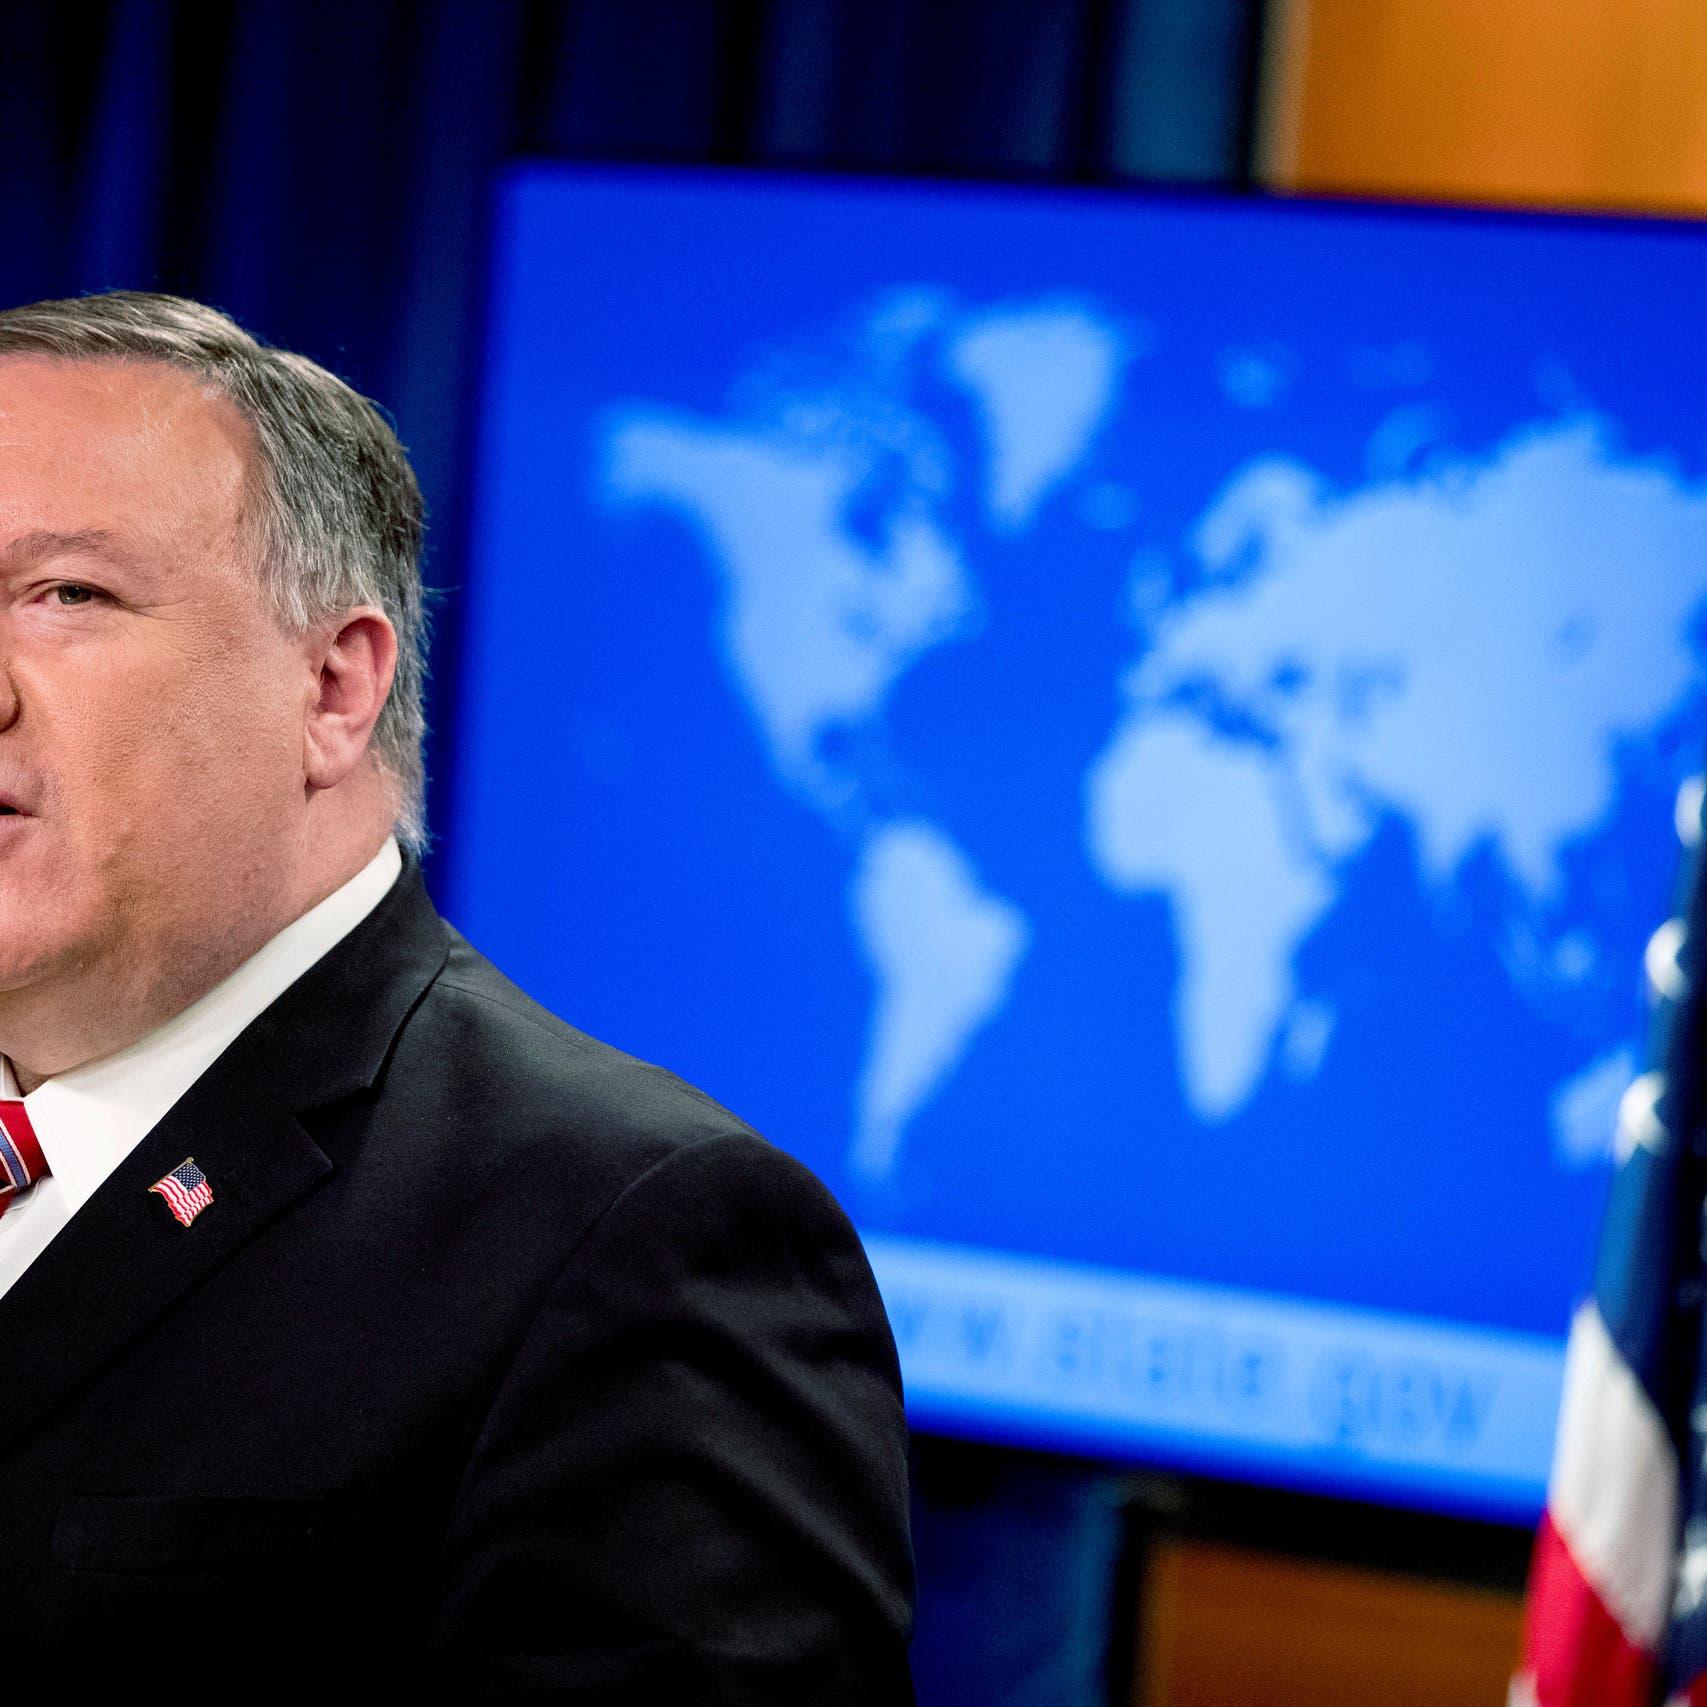 بومبيو: سنمنع إيران من شراء الأسلحة